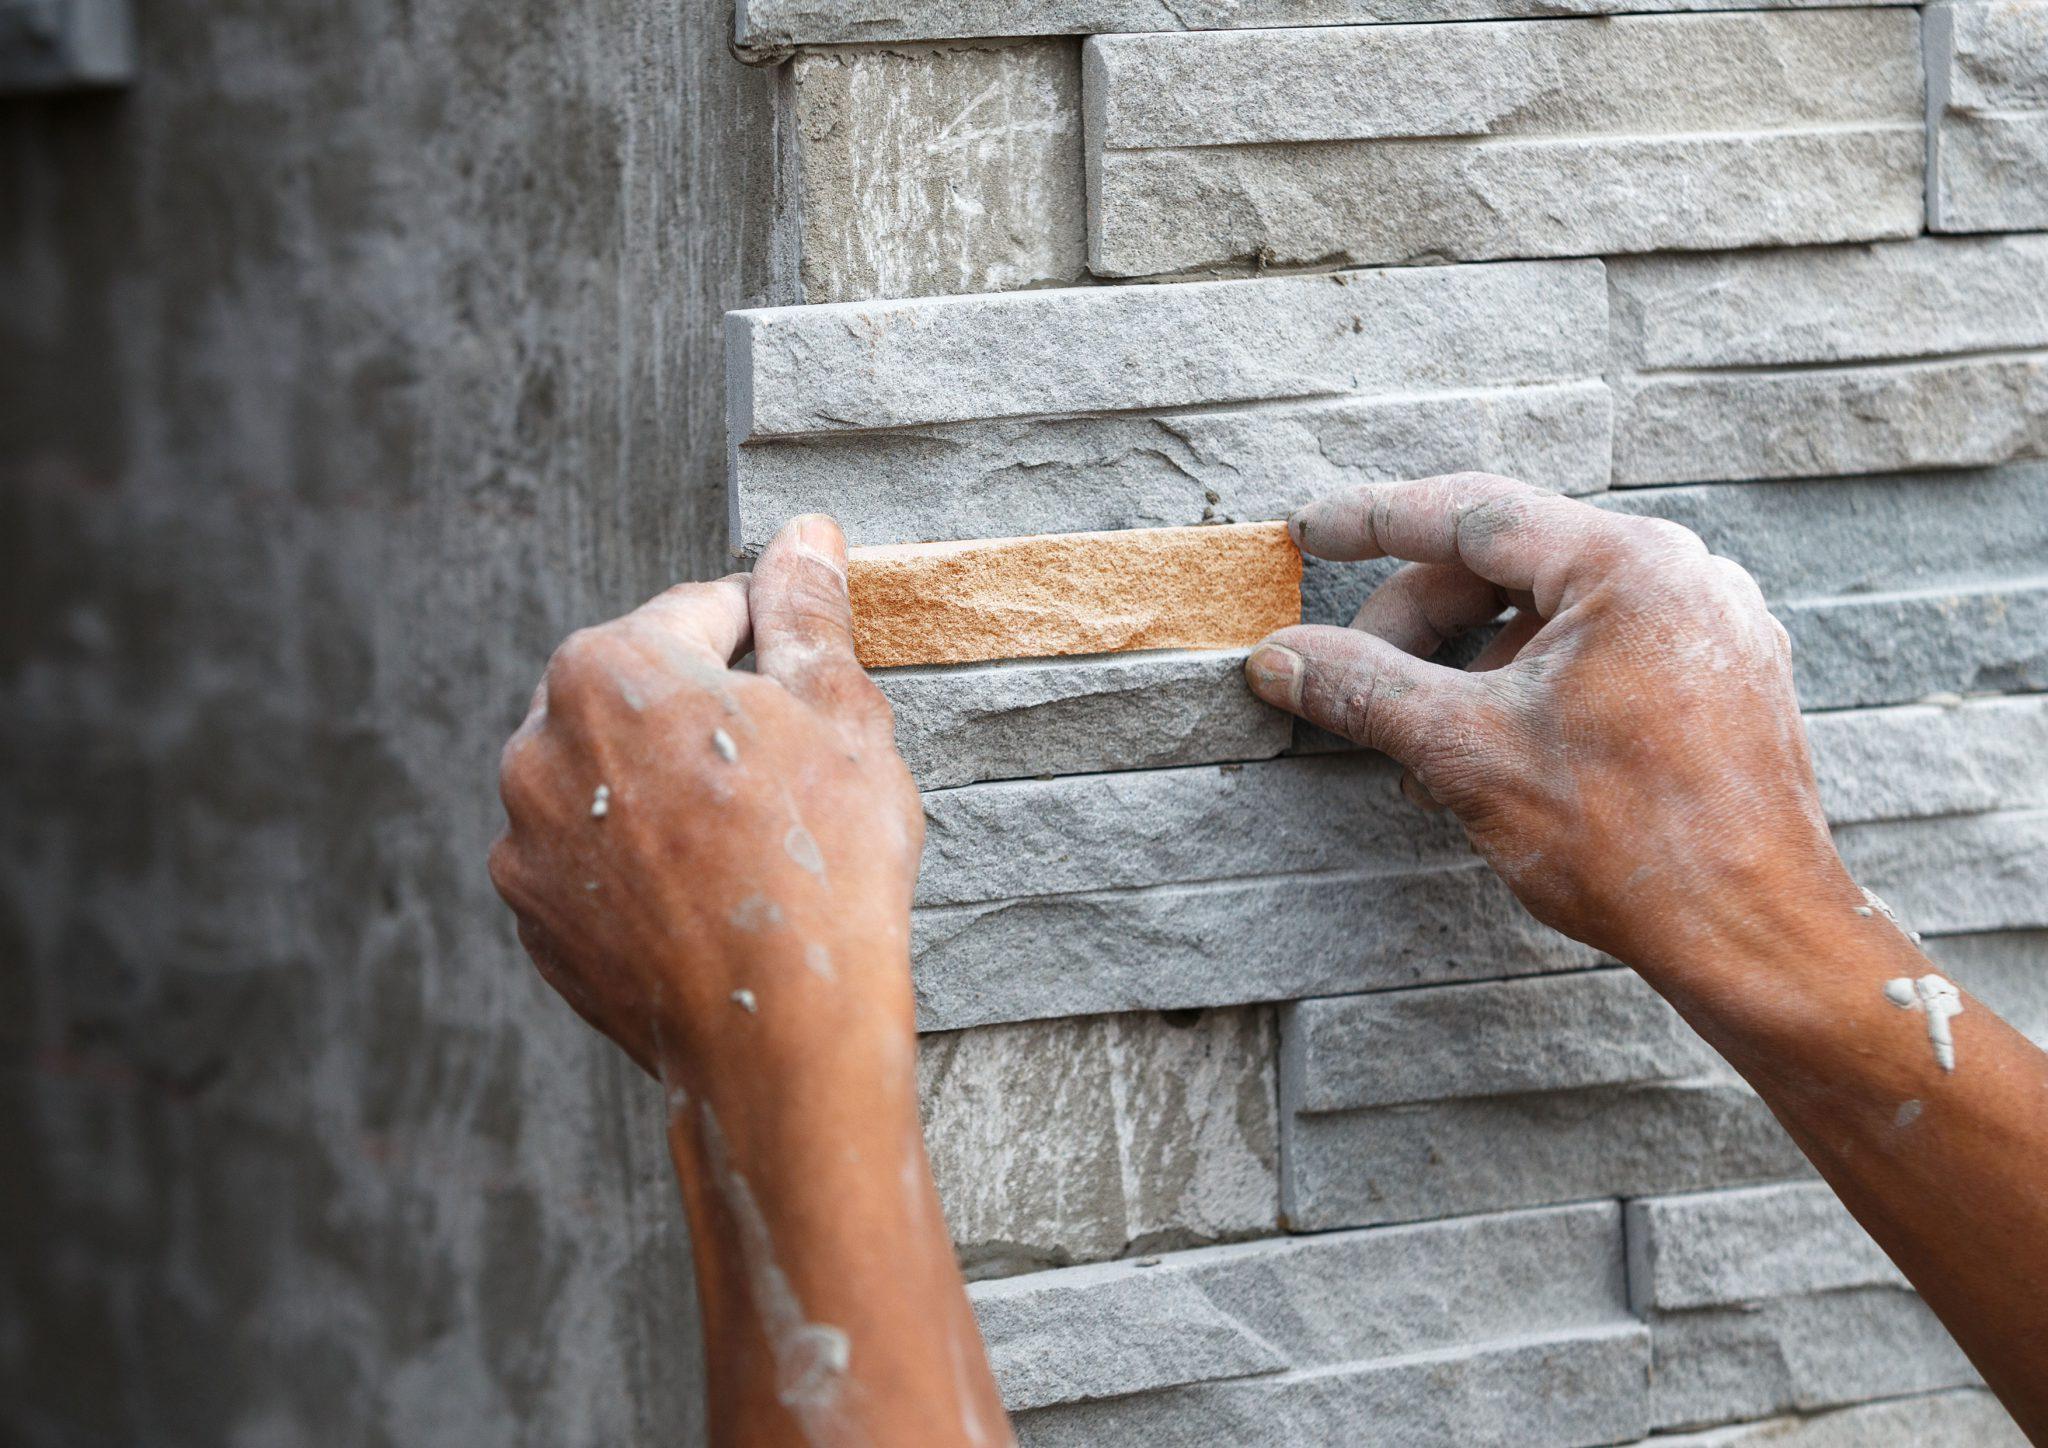 Технологию облицовки фасада натуральным камнем требуется соблюдать неукоснительно